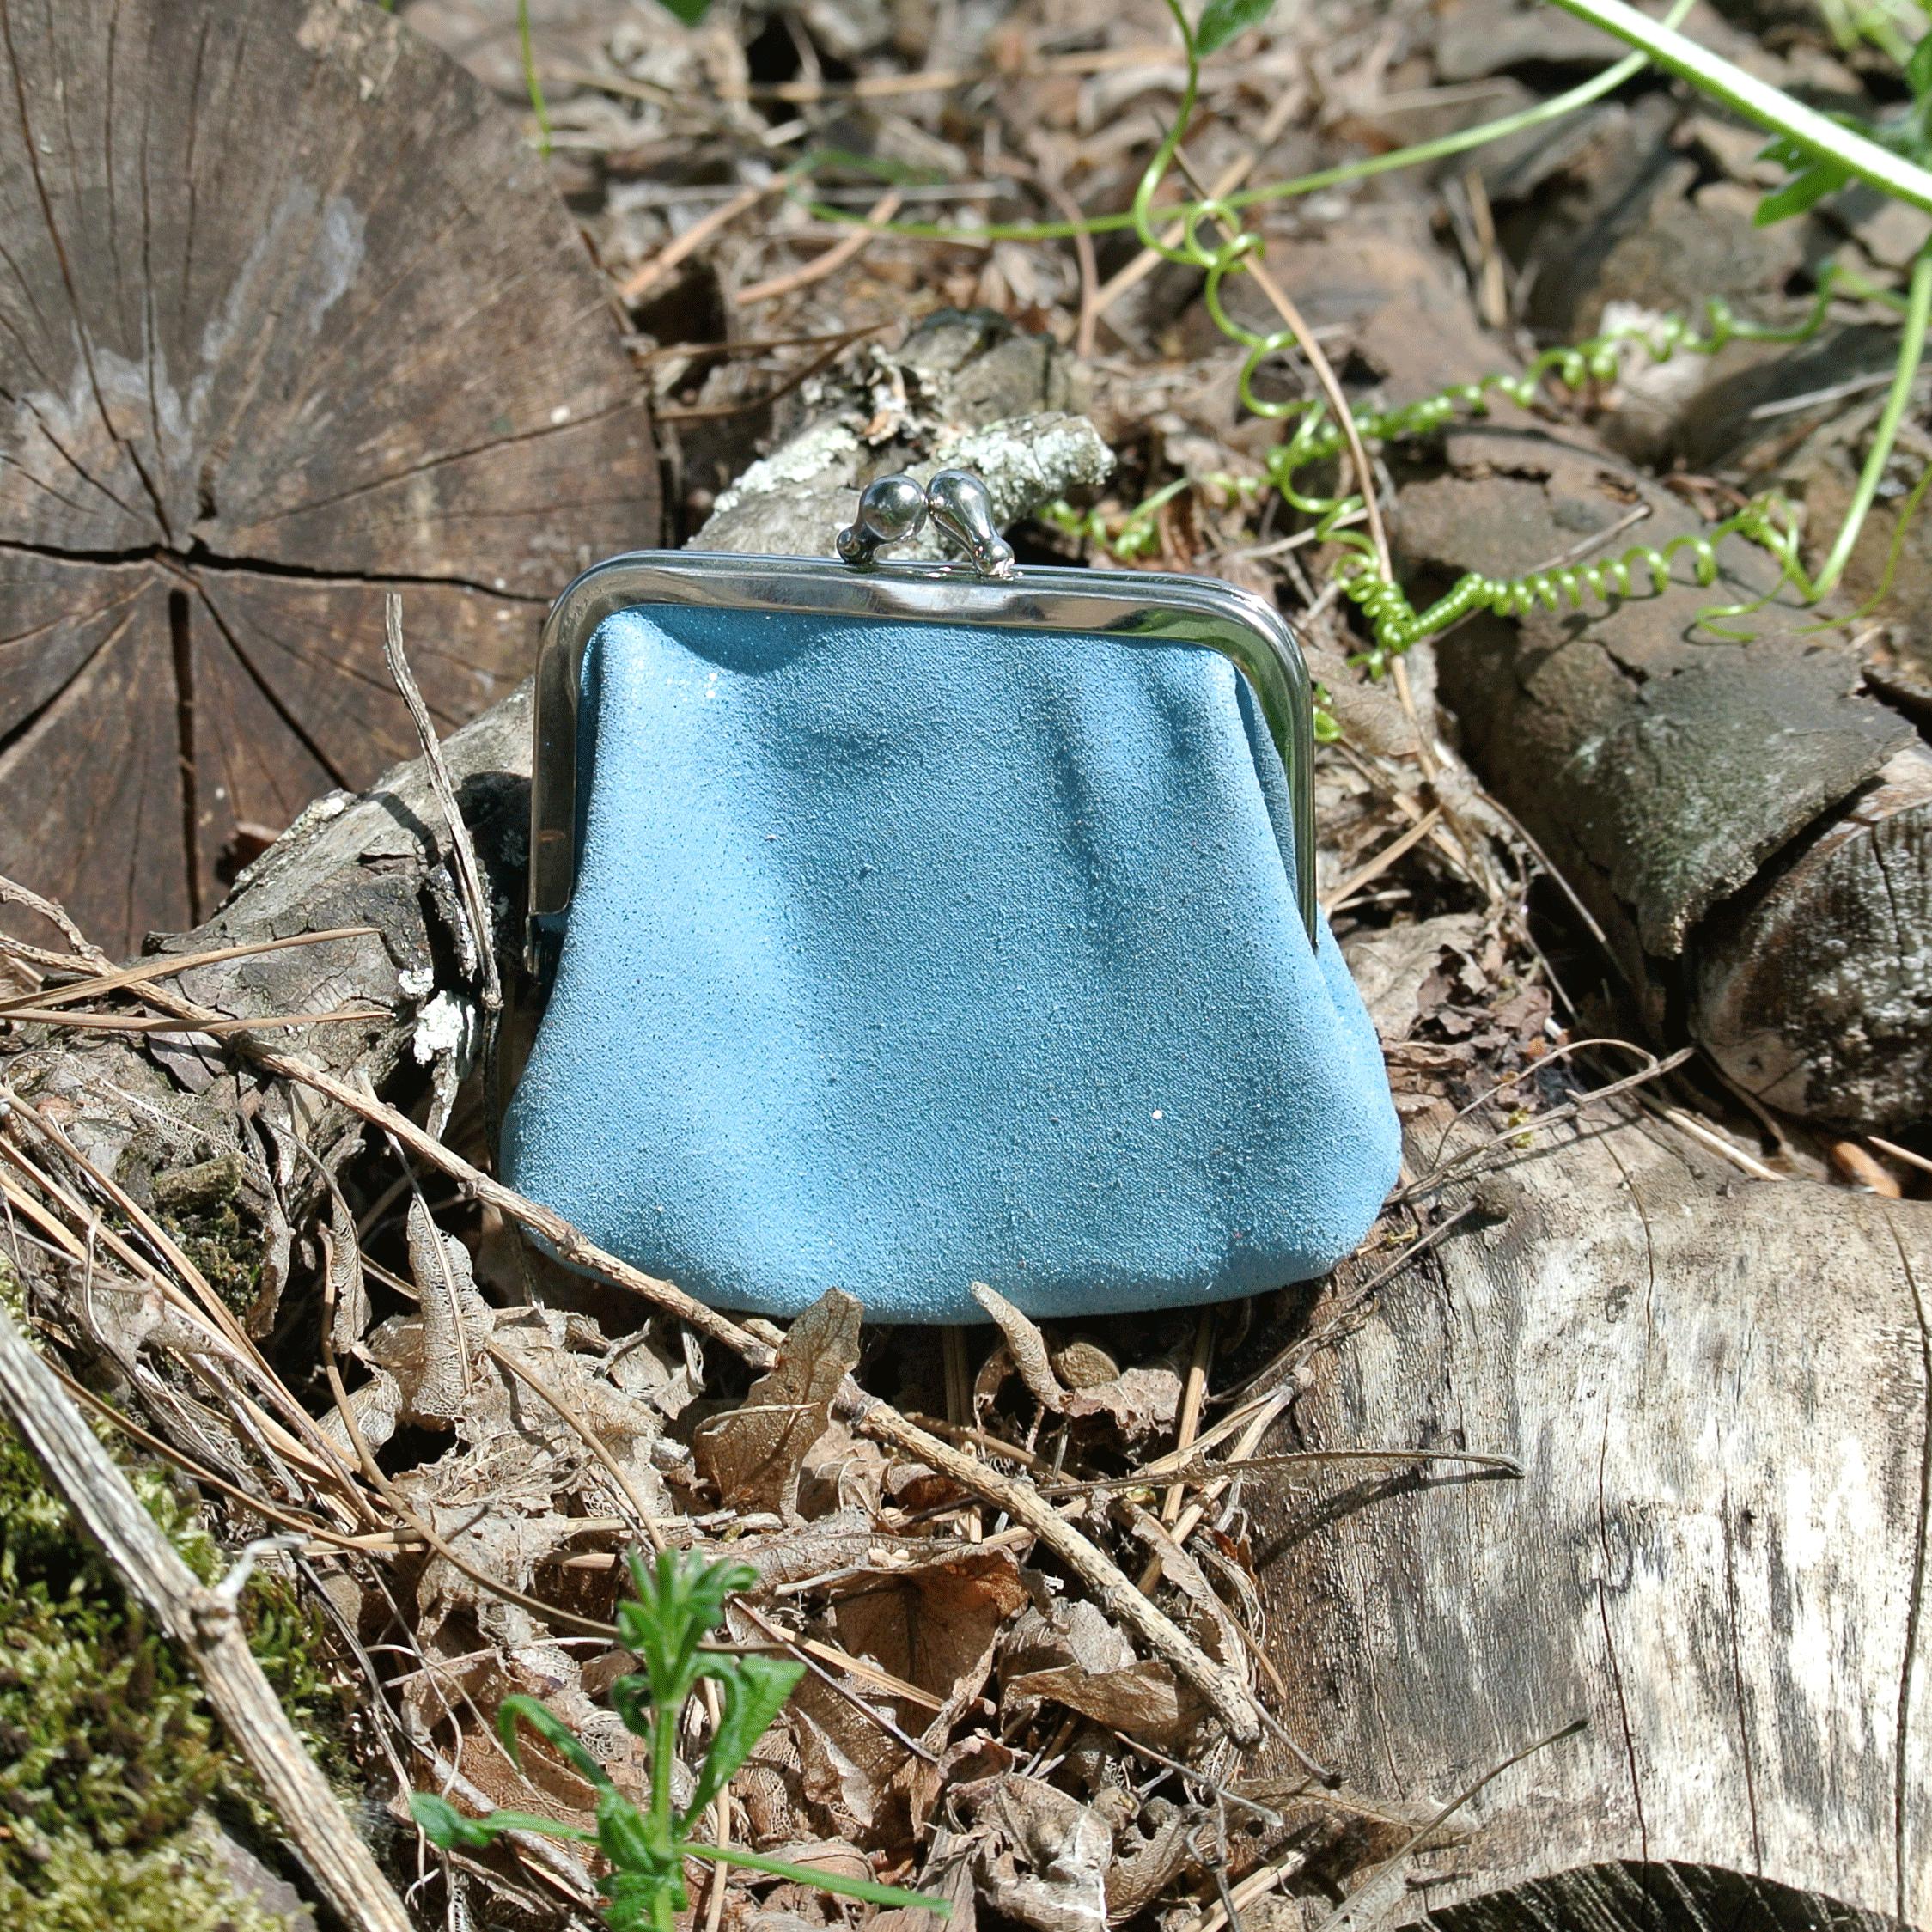 la-cartabliere-fabrique-en-france-made-in-france-porte-monnaie-reine-en-cuir-paillete-bleu-azur